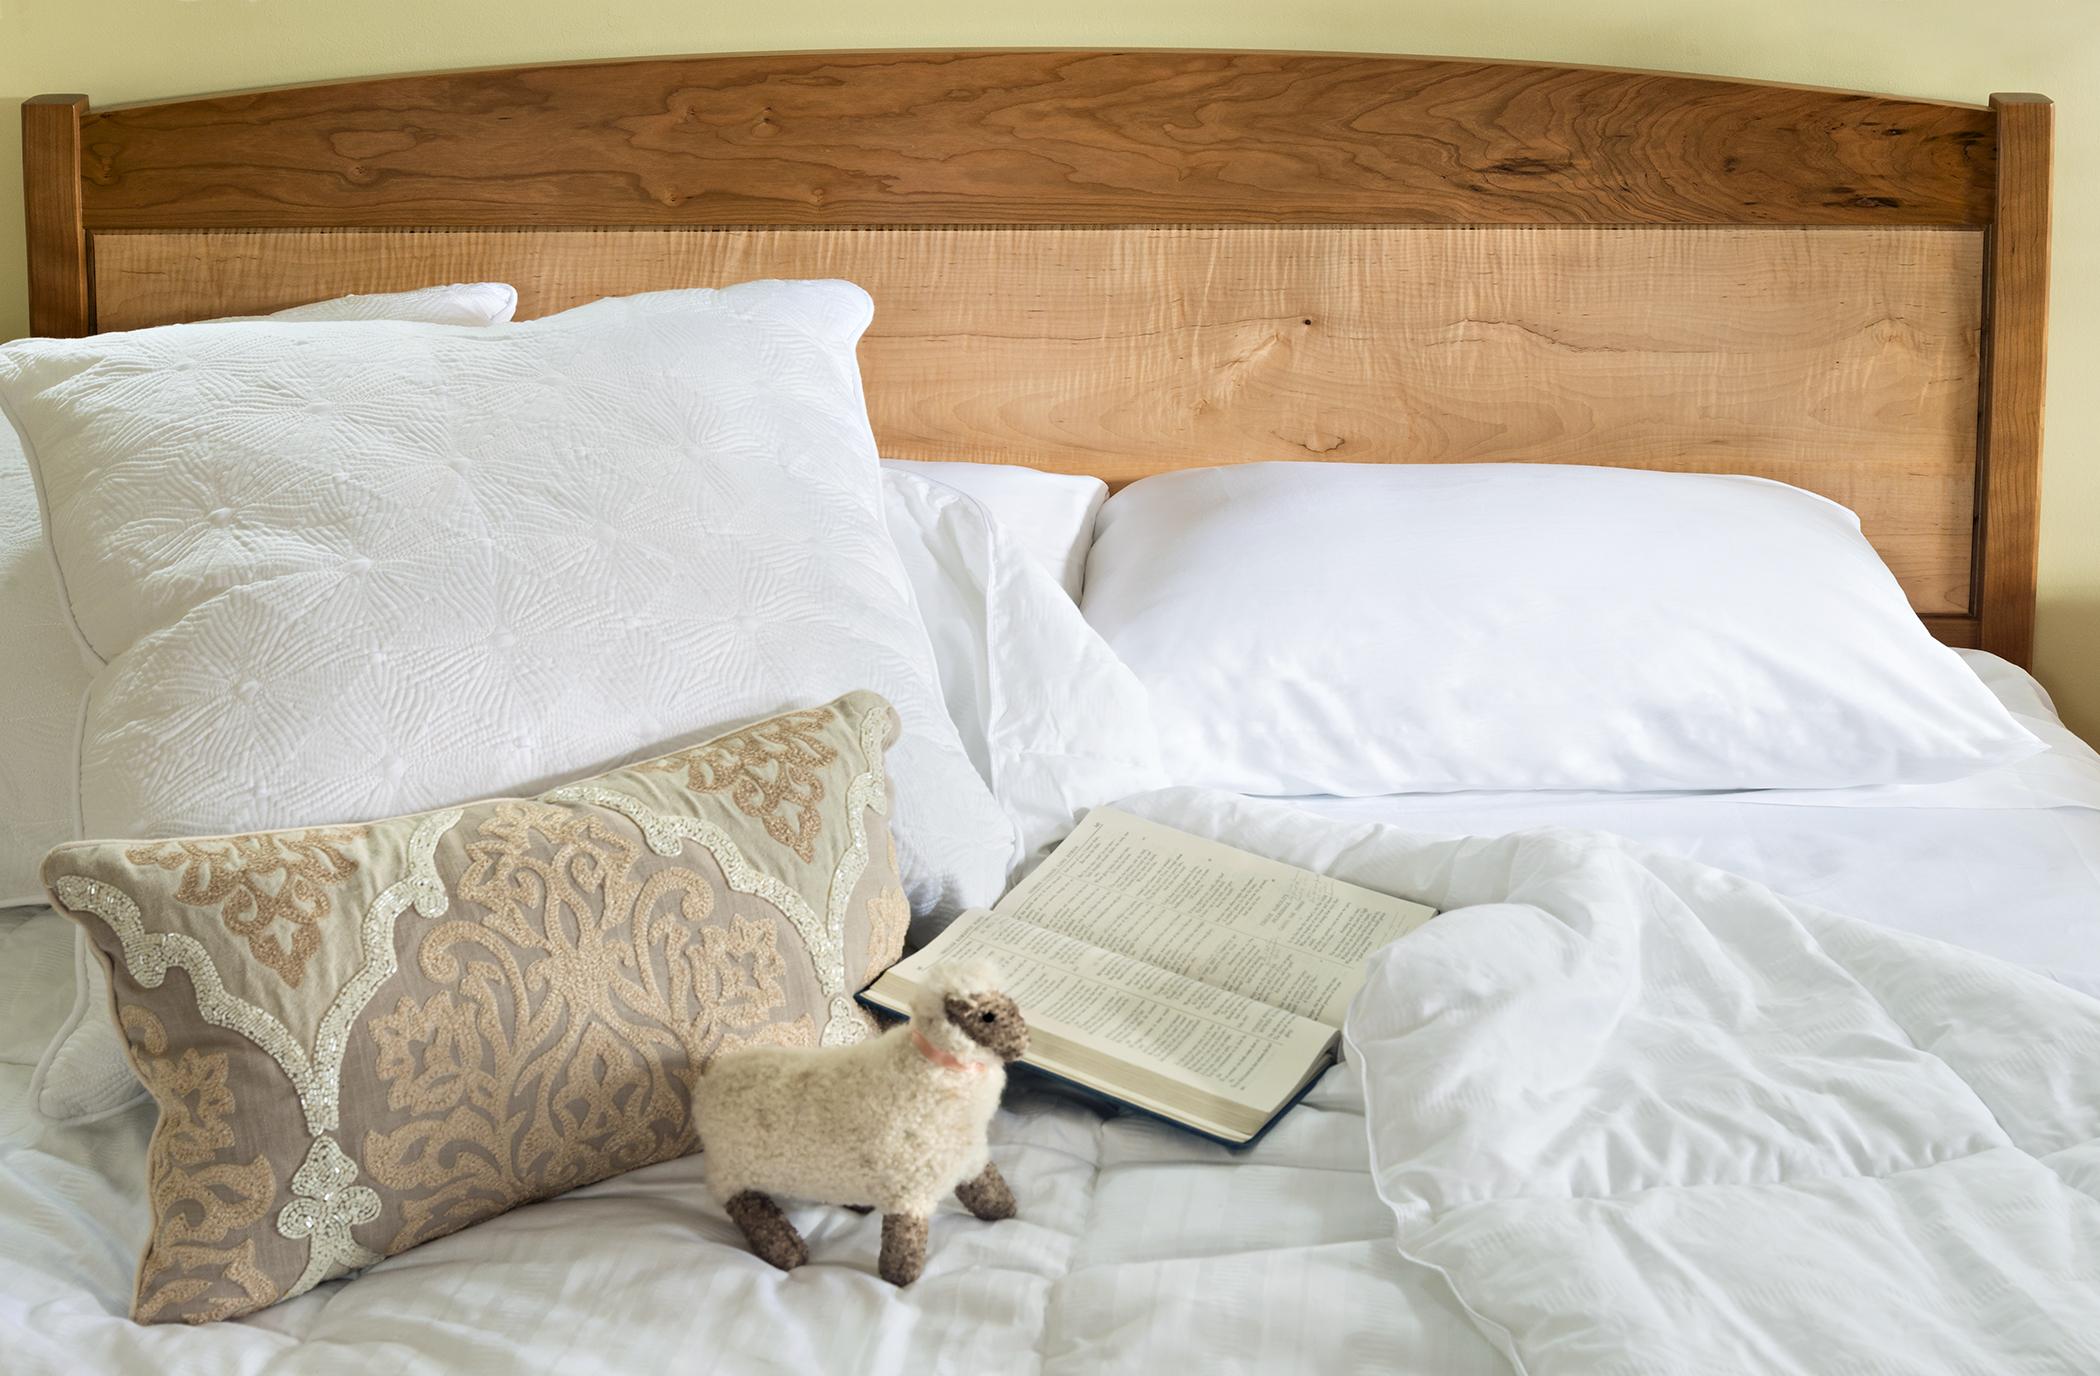 bedroom-furniture-beds-frame-and-panel-bed-.jpg